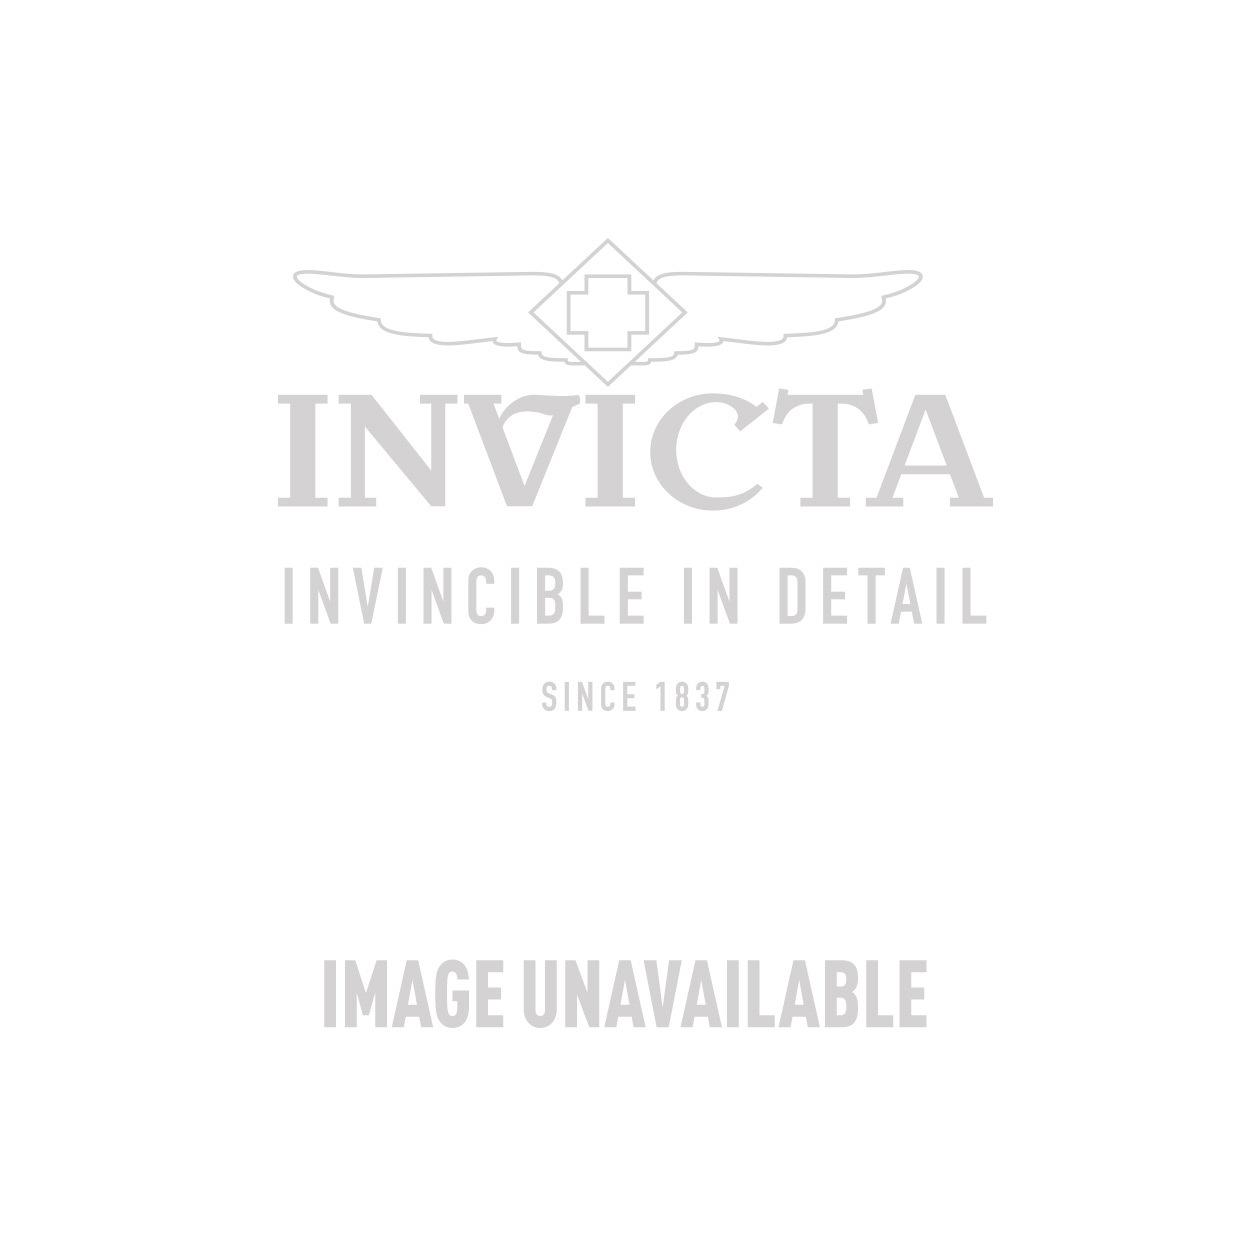 Invicta Model 22111